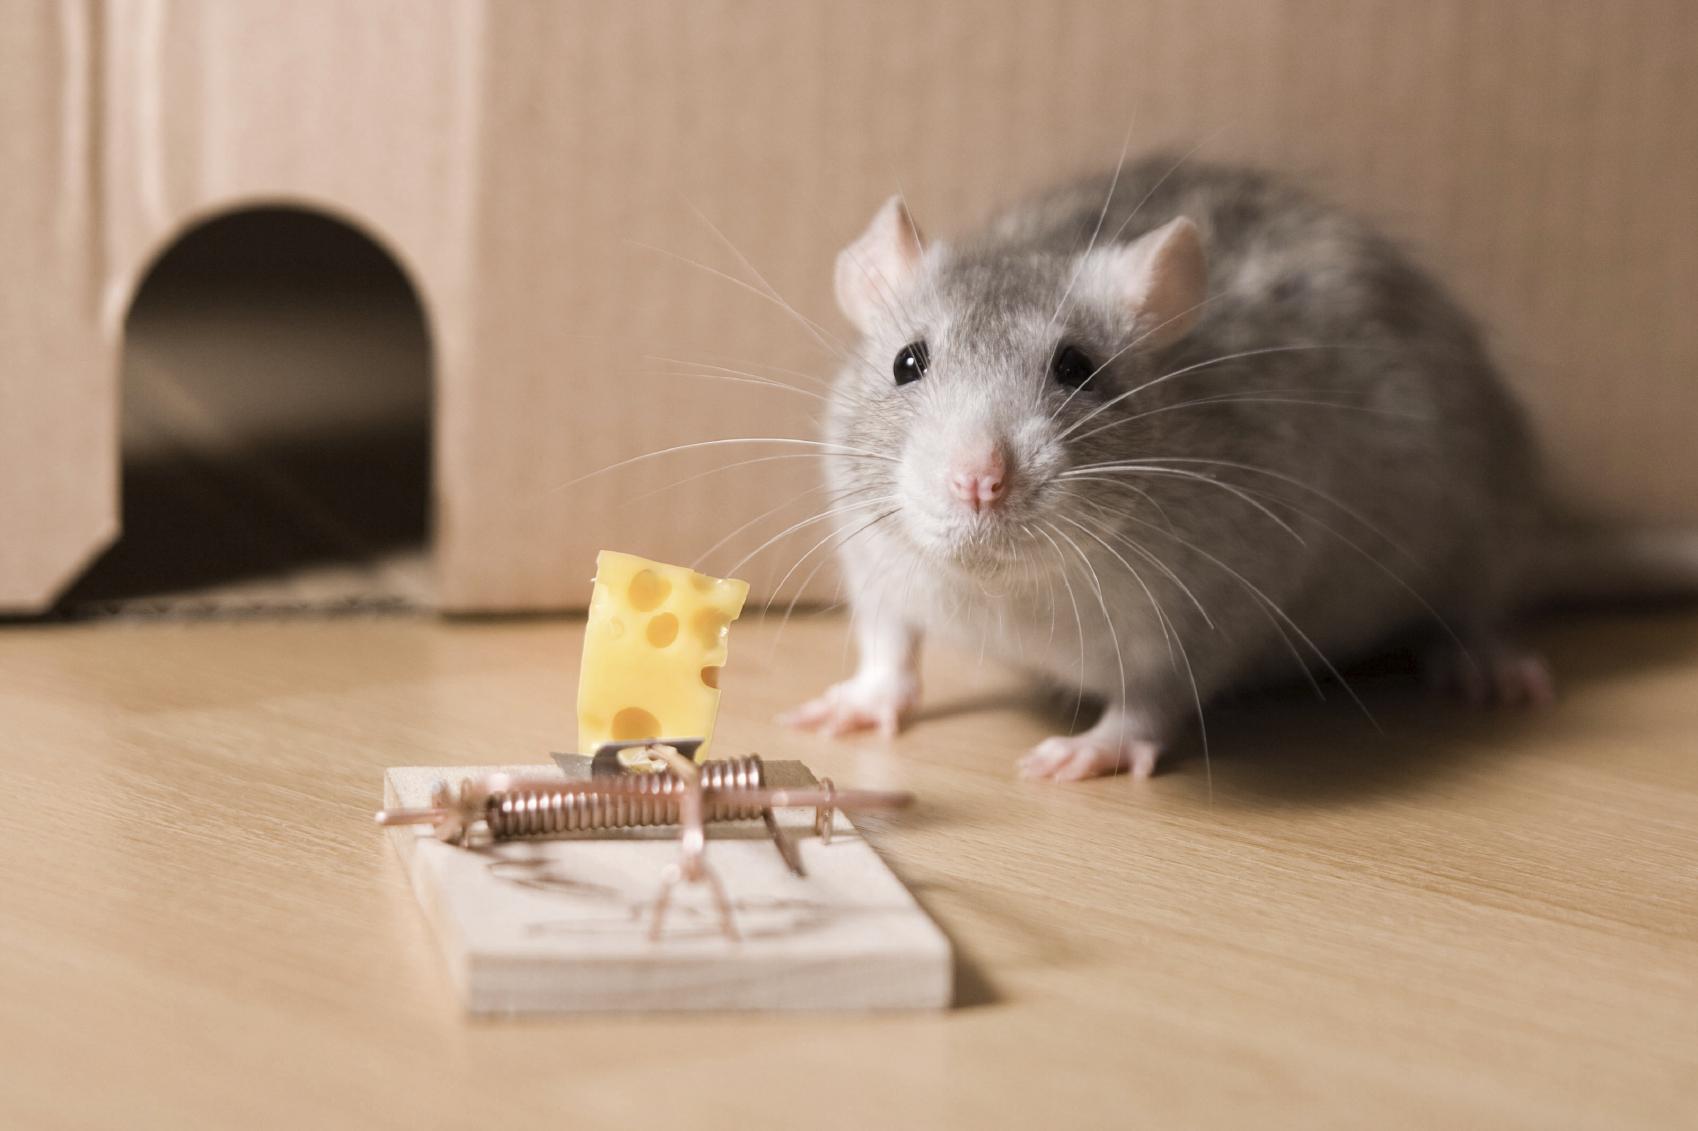 Chơi 'tiền ảo': Khi chuột lao vào bẫy vì miếng phô mai miễn phí